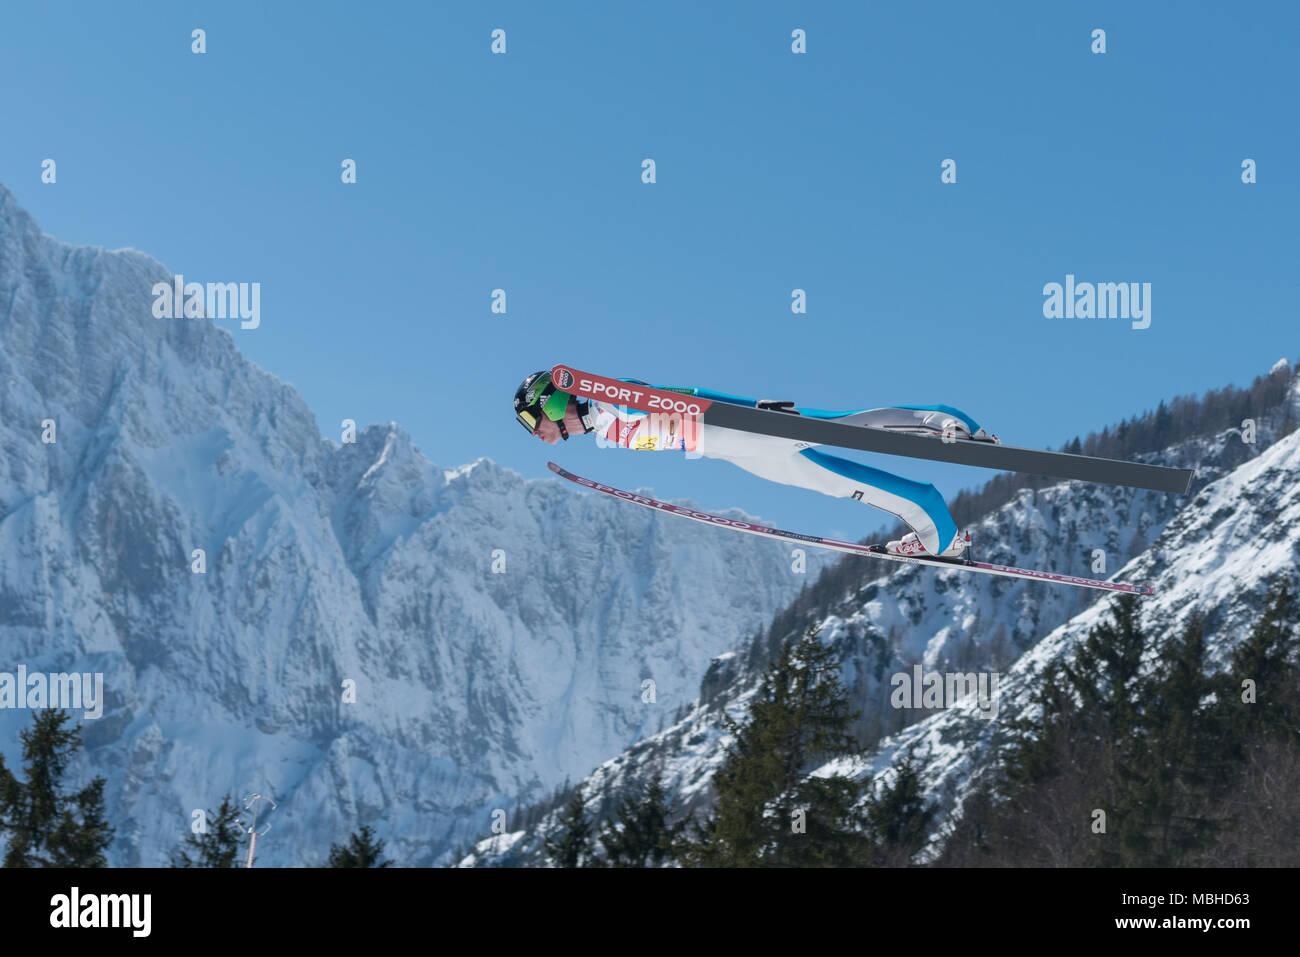 PLANICA, SLOVENIA - MARCH 24 2018 : Fis World Cup Ski Jumping Final - SEMENIC Anze SLO - Stock Image